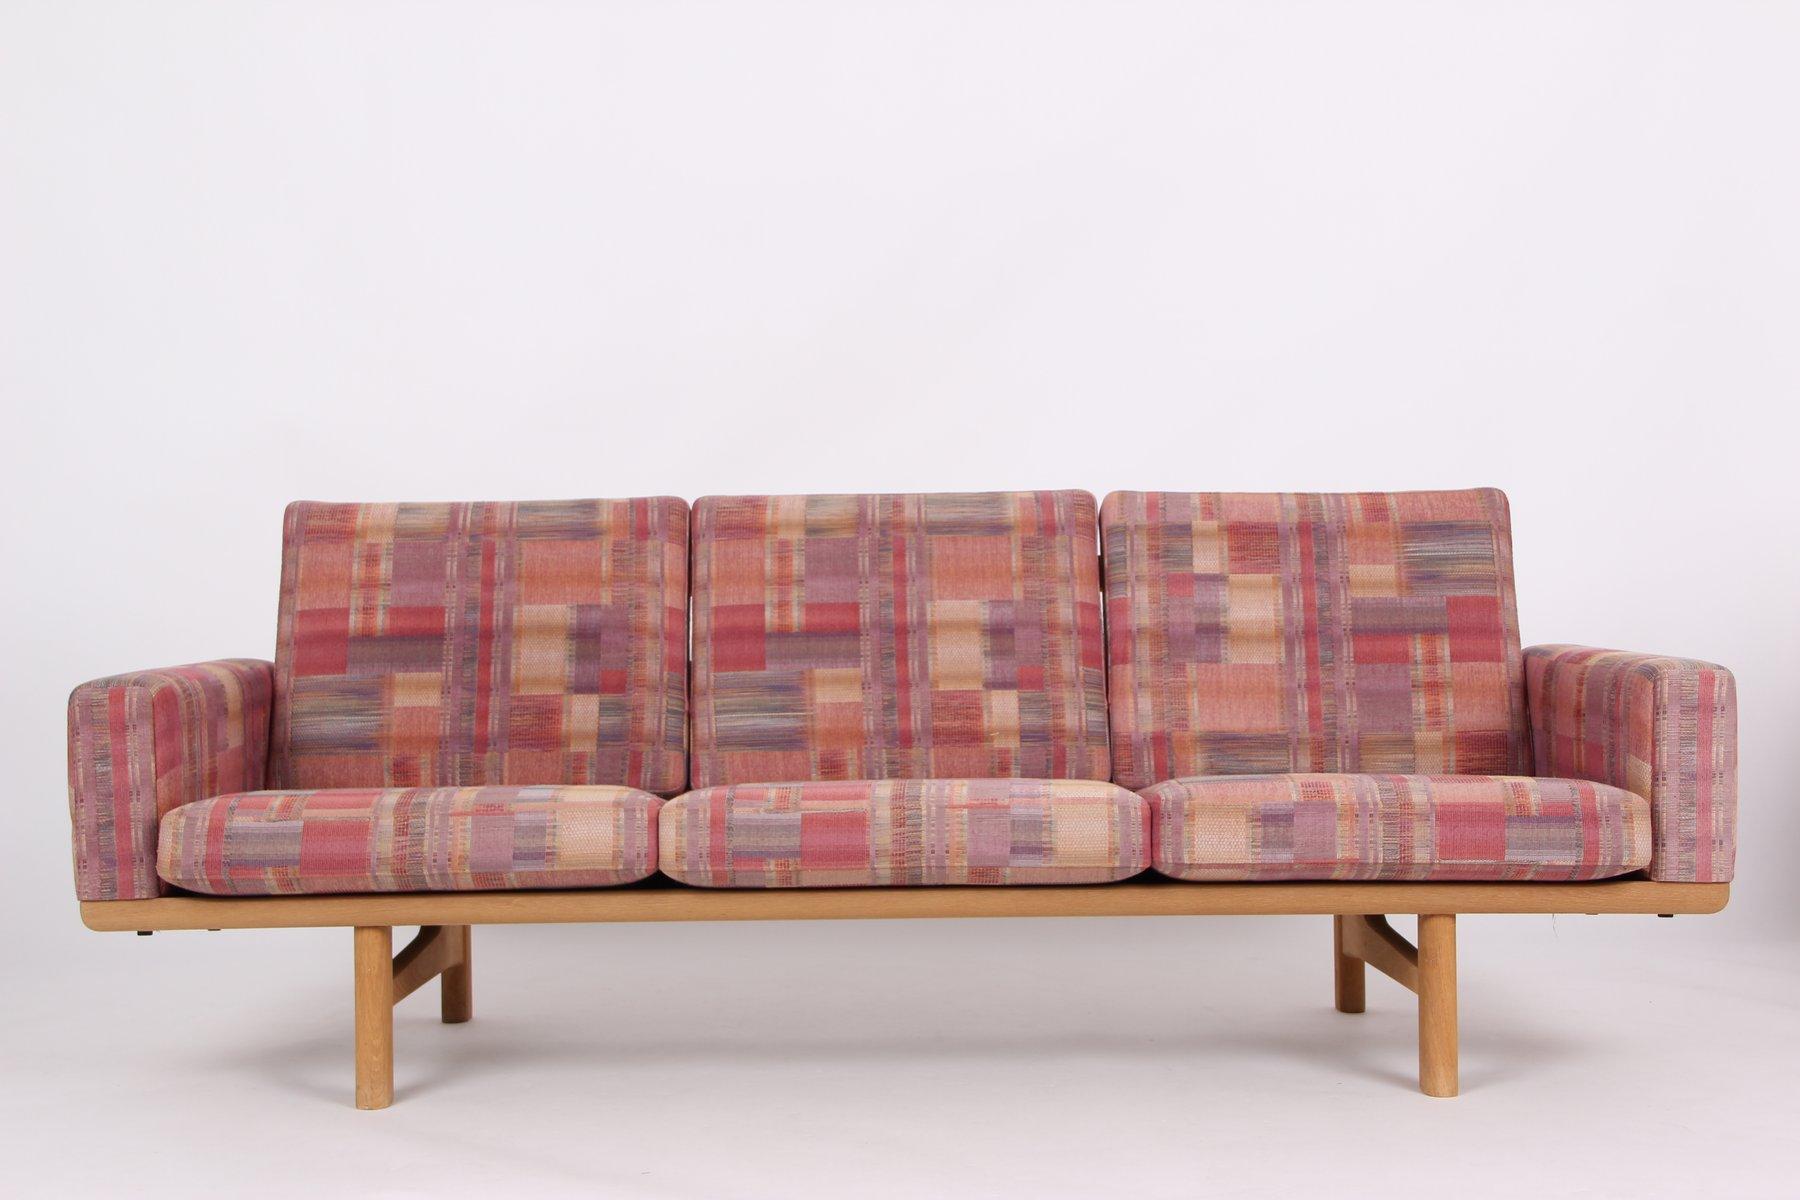 Modell GE236 Eichenholz 3-Sitzer Sofa von Hans J. Wegner für Getama